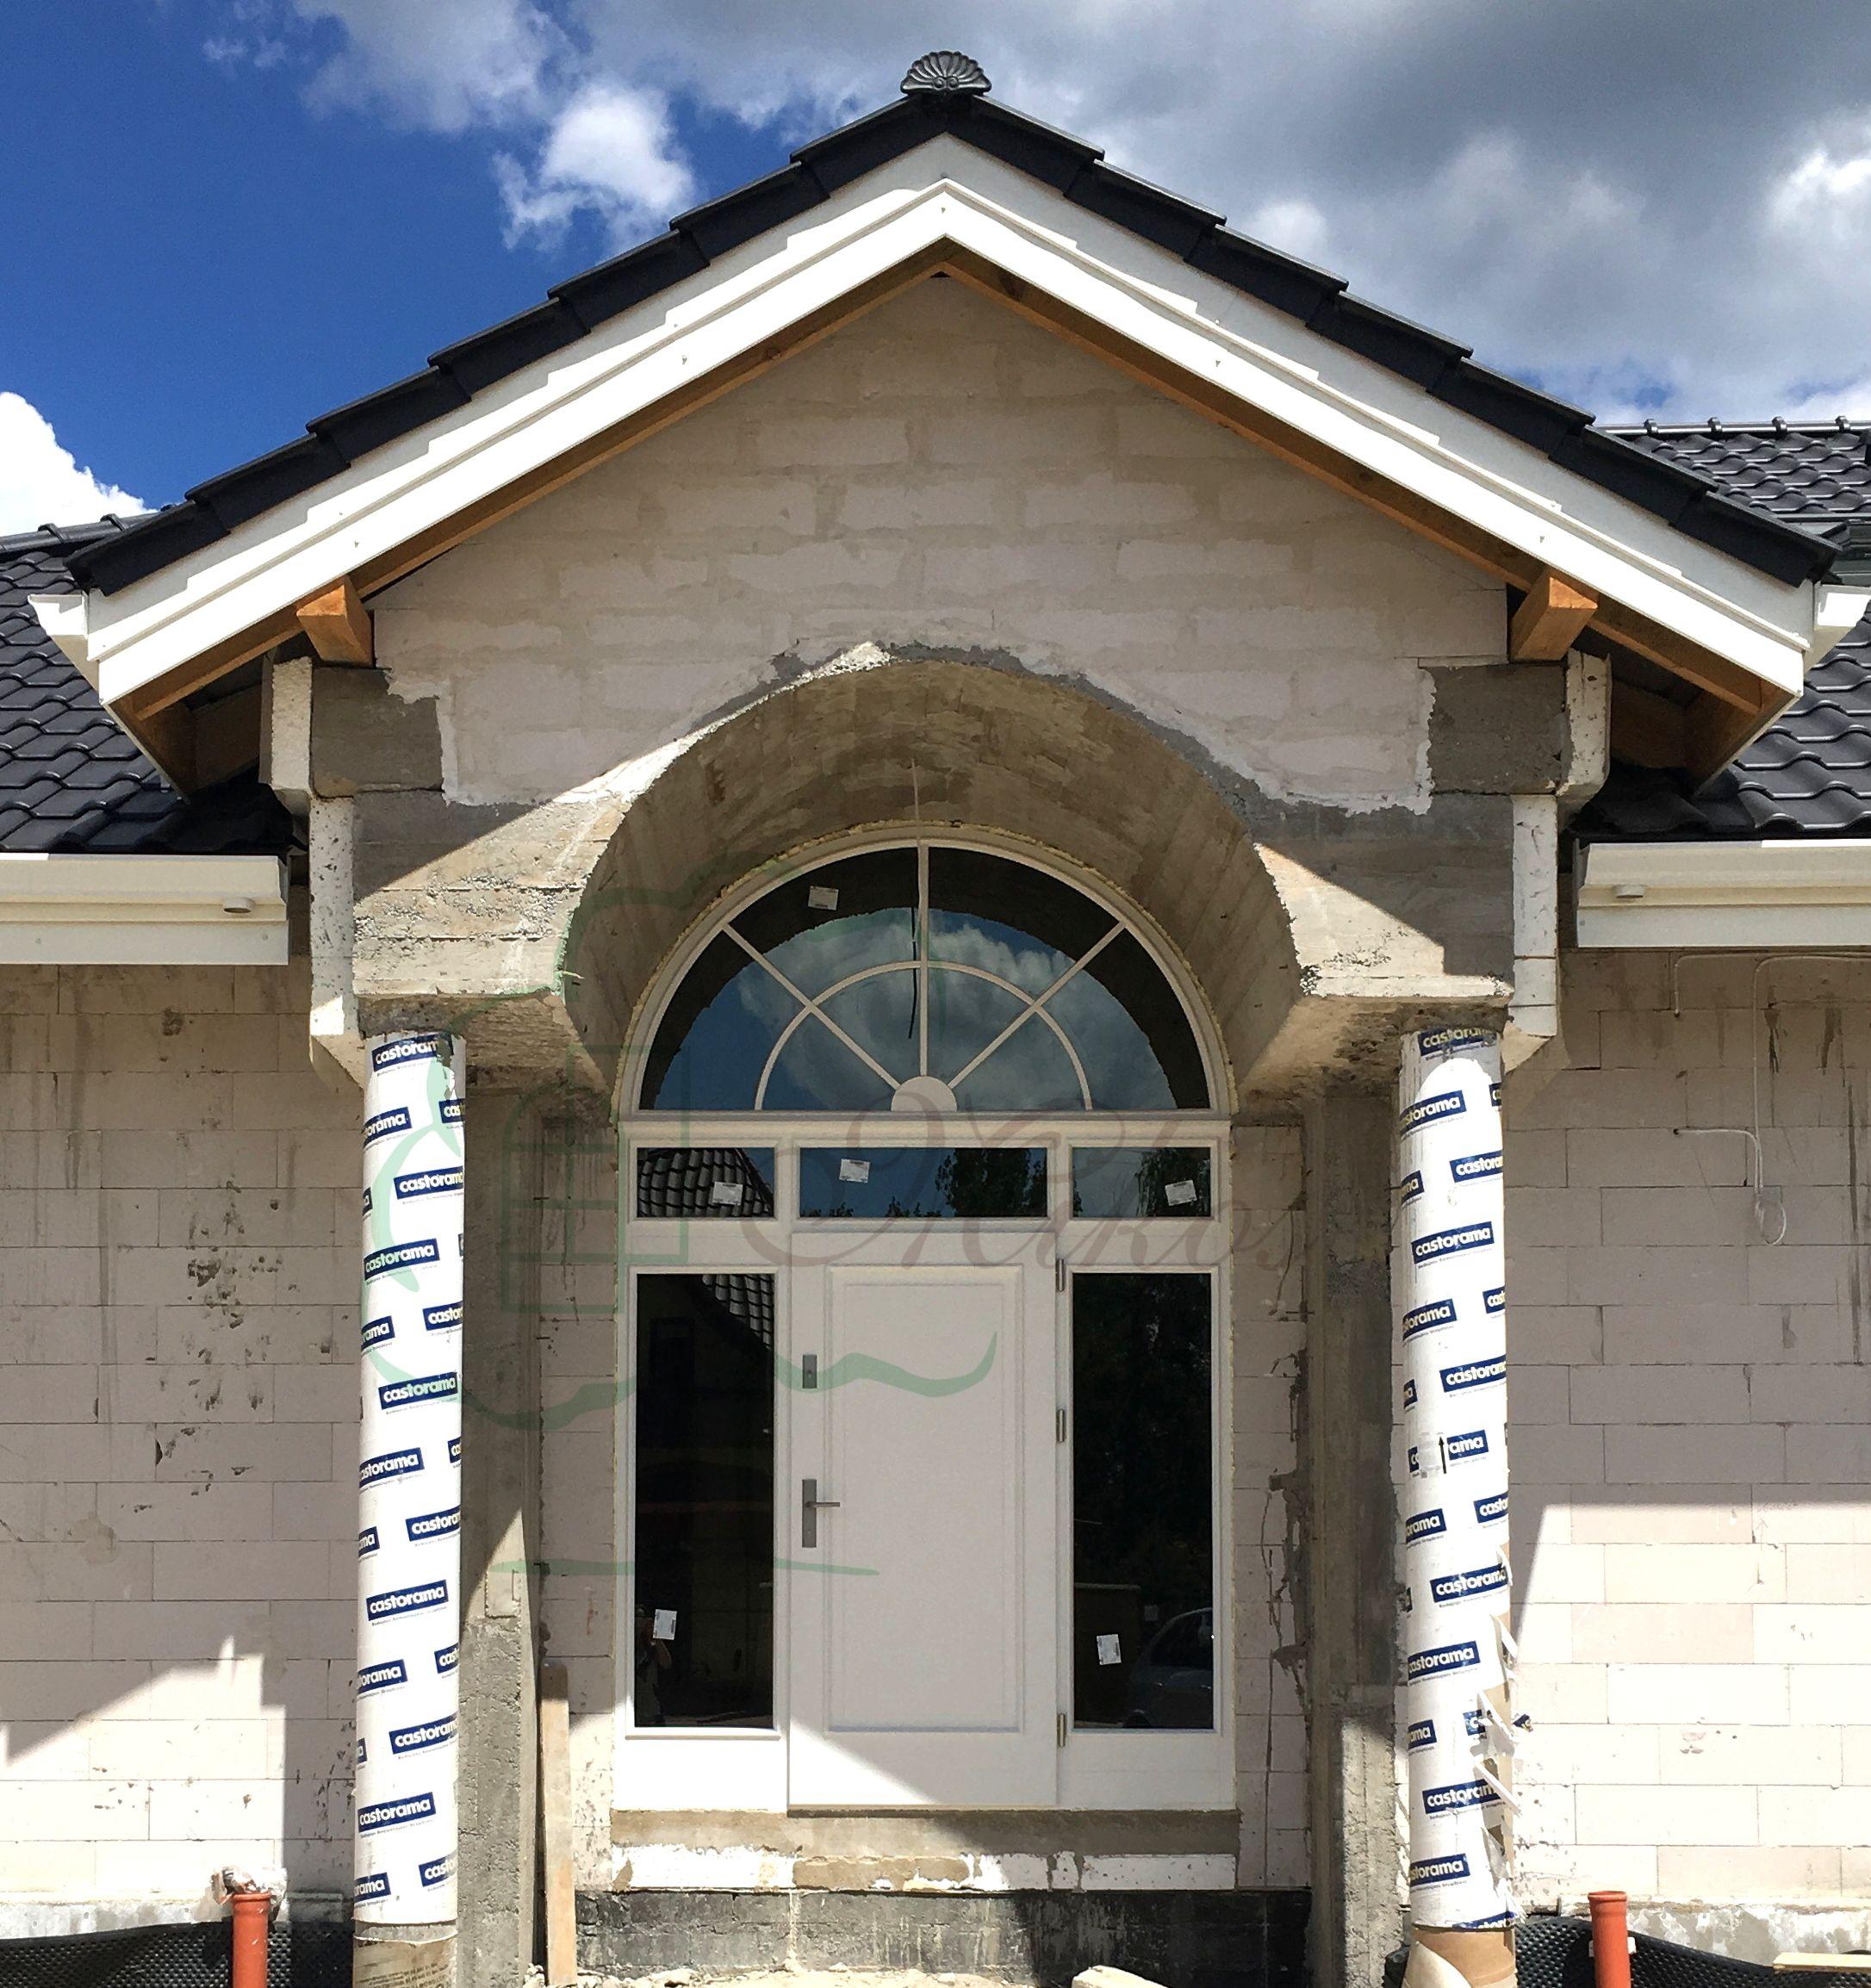 Realizacja Drzwi Zewnetrzne Do Projektu Willa Parkowa Drzwi Wejsciowe Parkowa Biale Bungalow House Design Architecture Wooden Front Doors